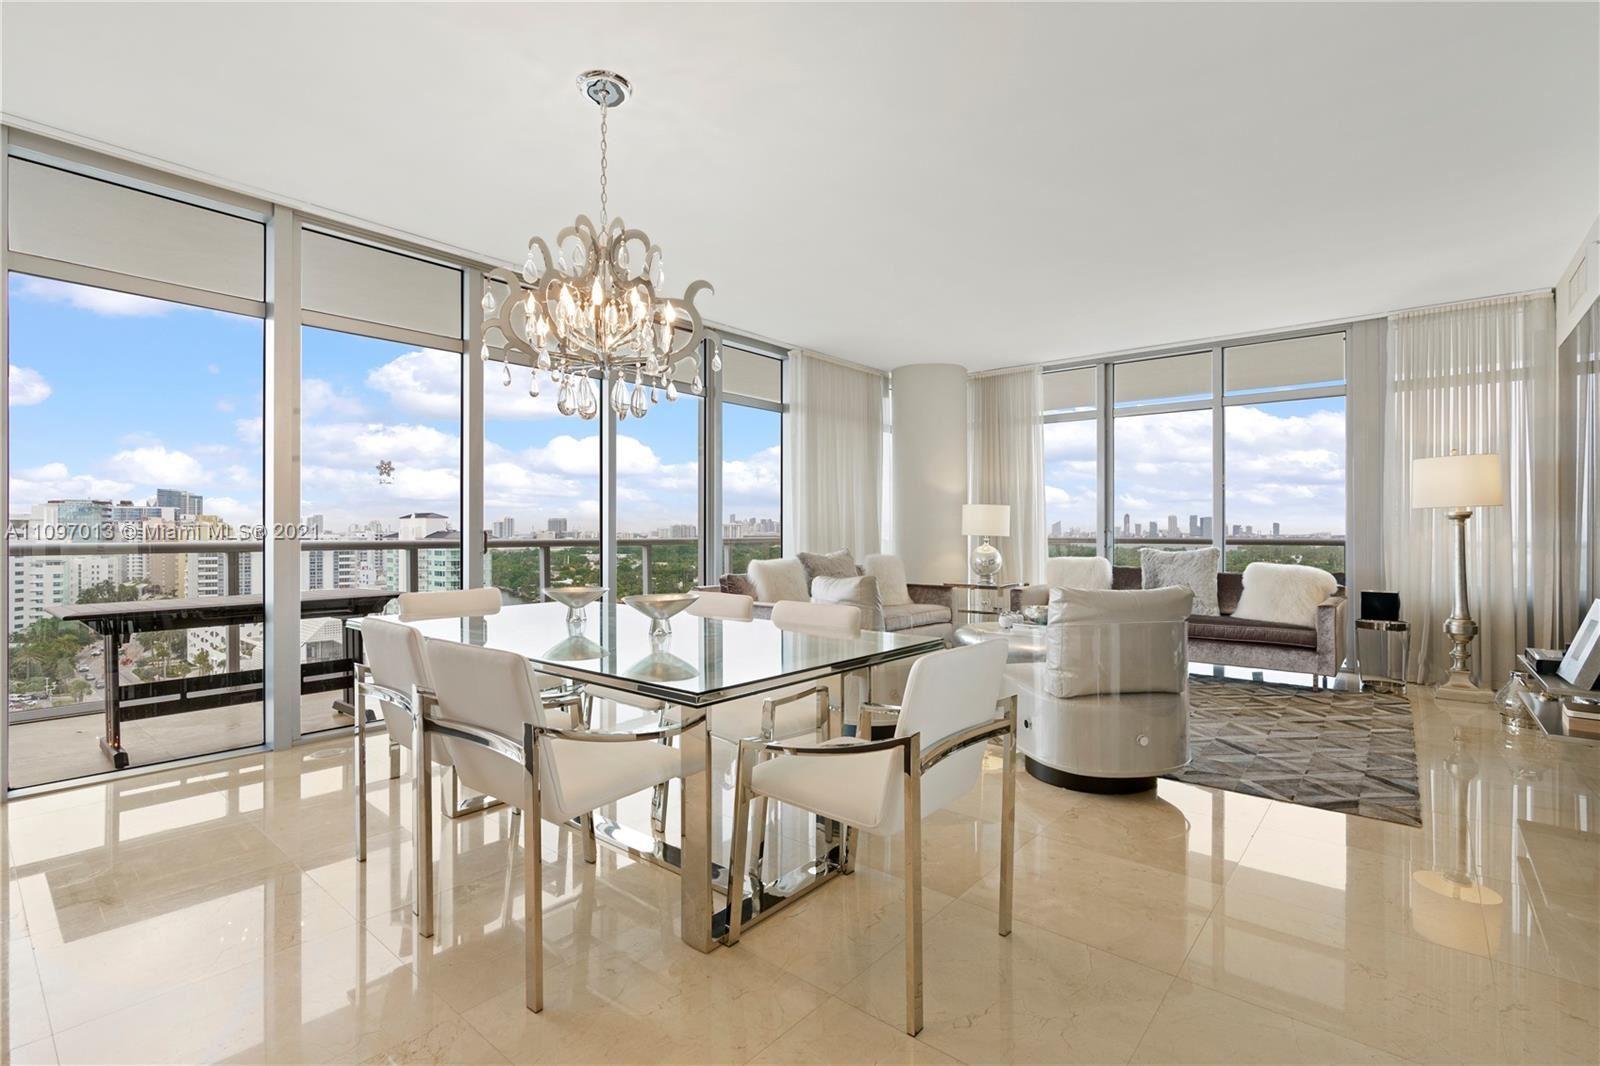 3737 Collins Ave #S-1403, Miami Beach, FL 33140 - #: A11097013